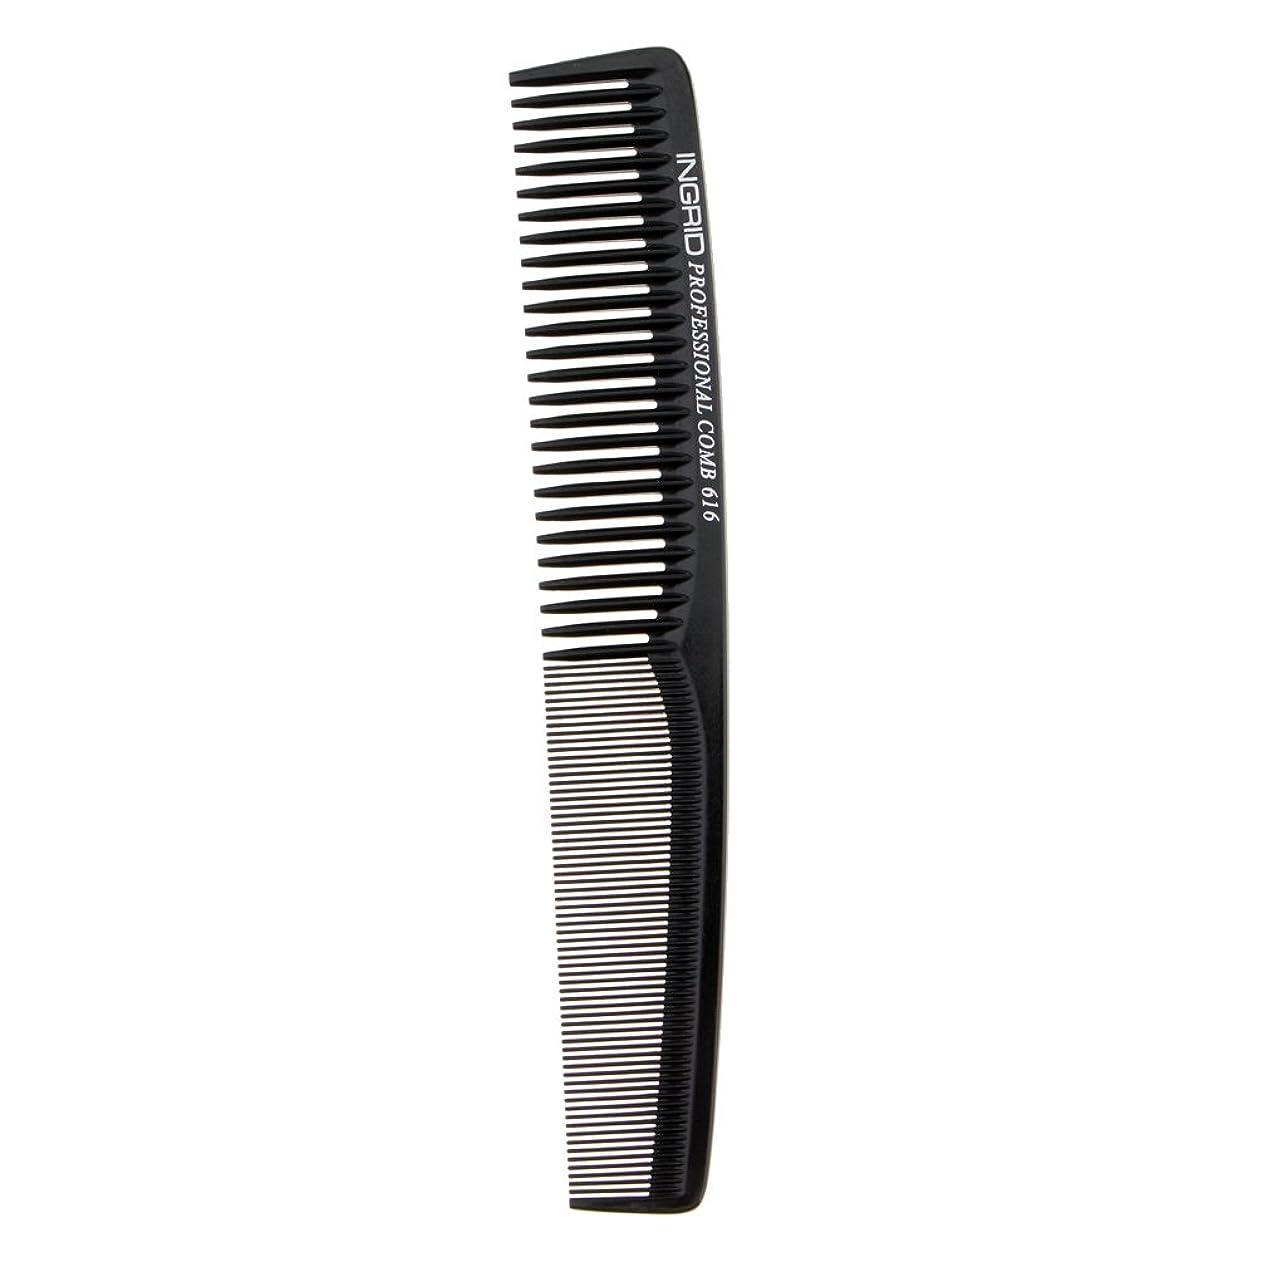 踏み台表面汚物Fenteer ヘアカットコーム 櫛 コーム 理髪店 ヘアケア 便利 全5色  - ブラック